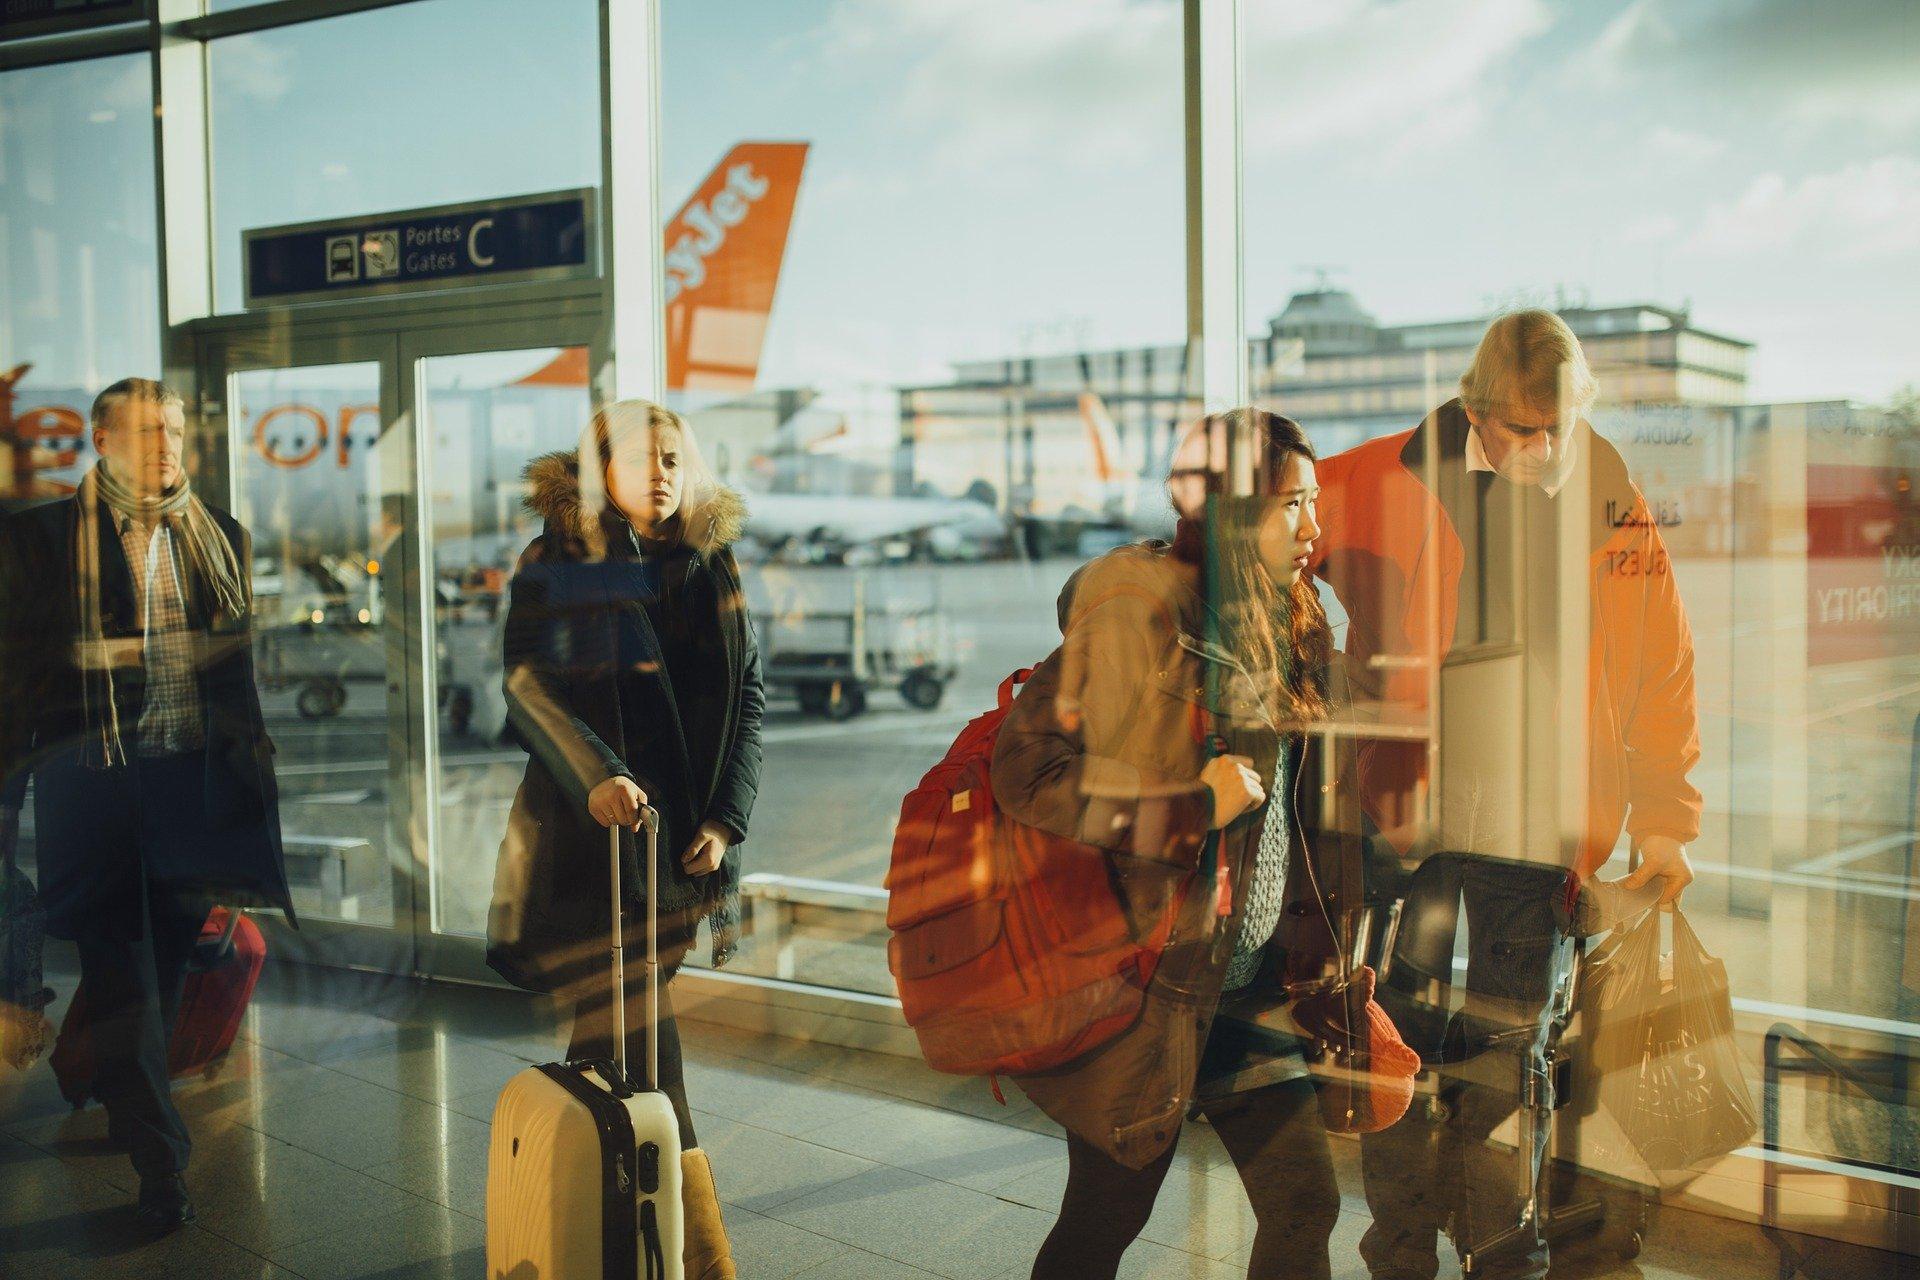 Fil d'embarquement dans un aéroport avec un avion Easyjet en arrière plan